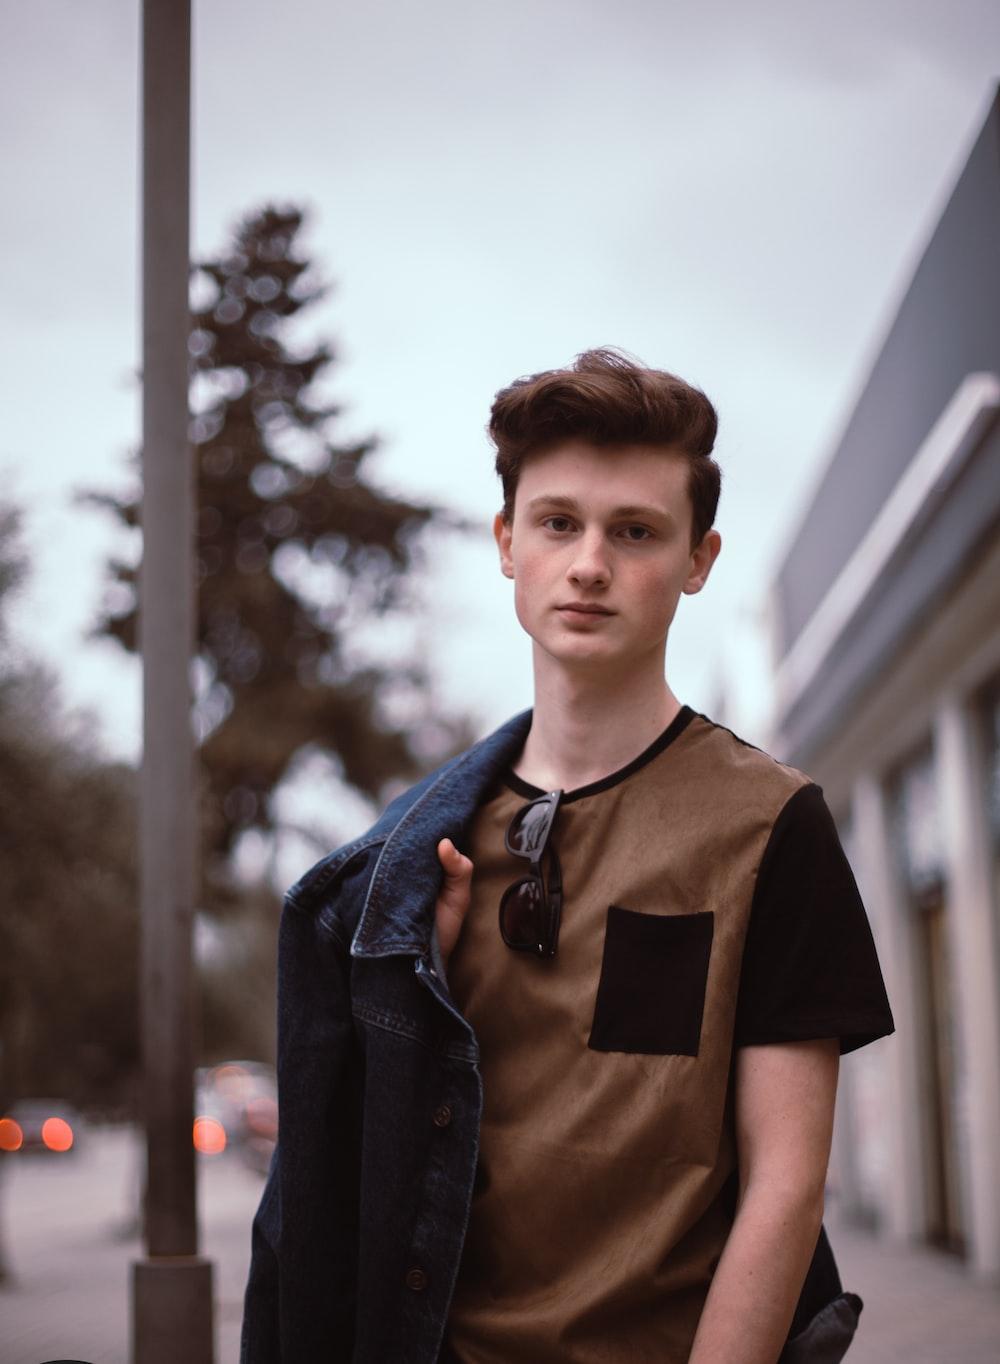 man wearing brown t-shirt